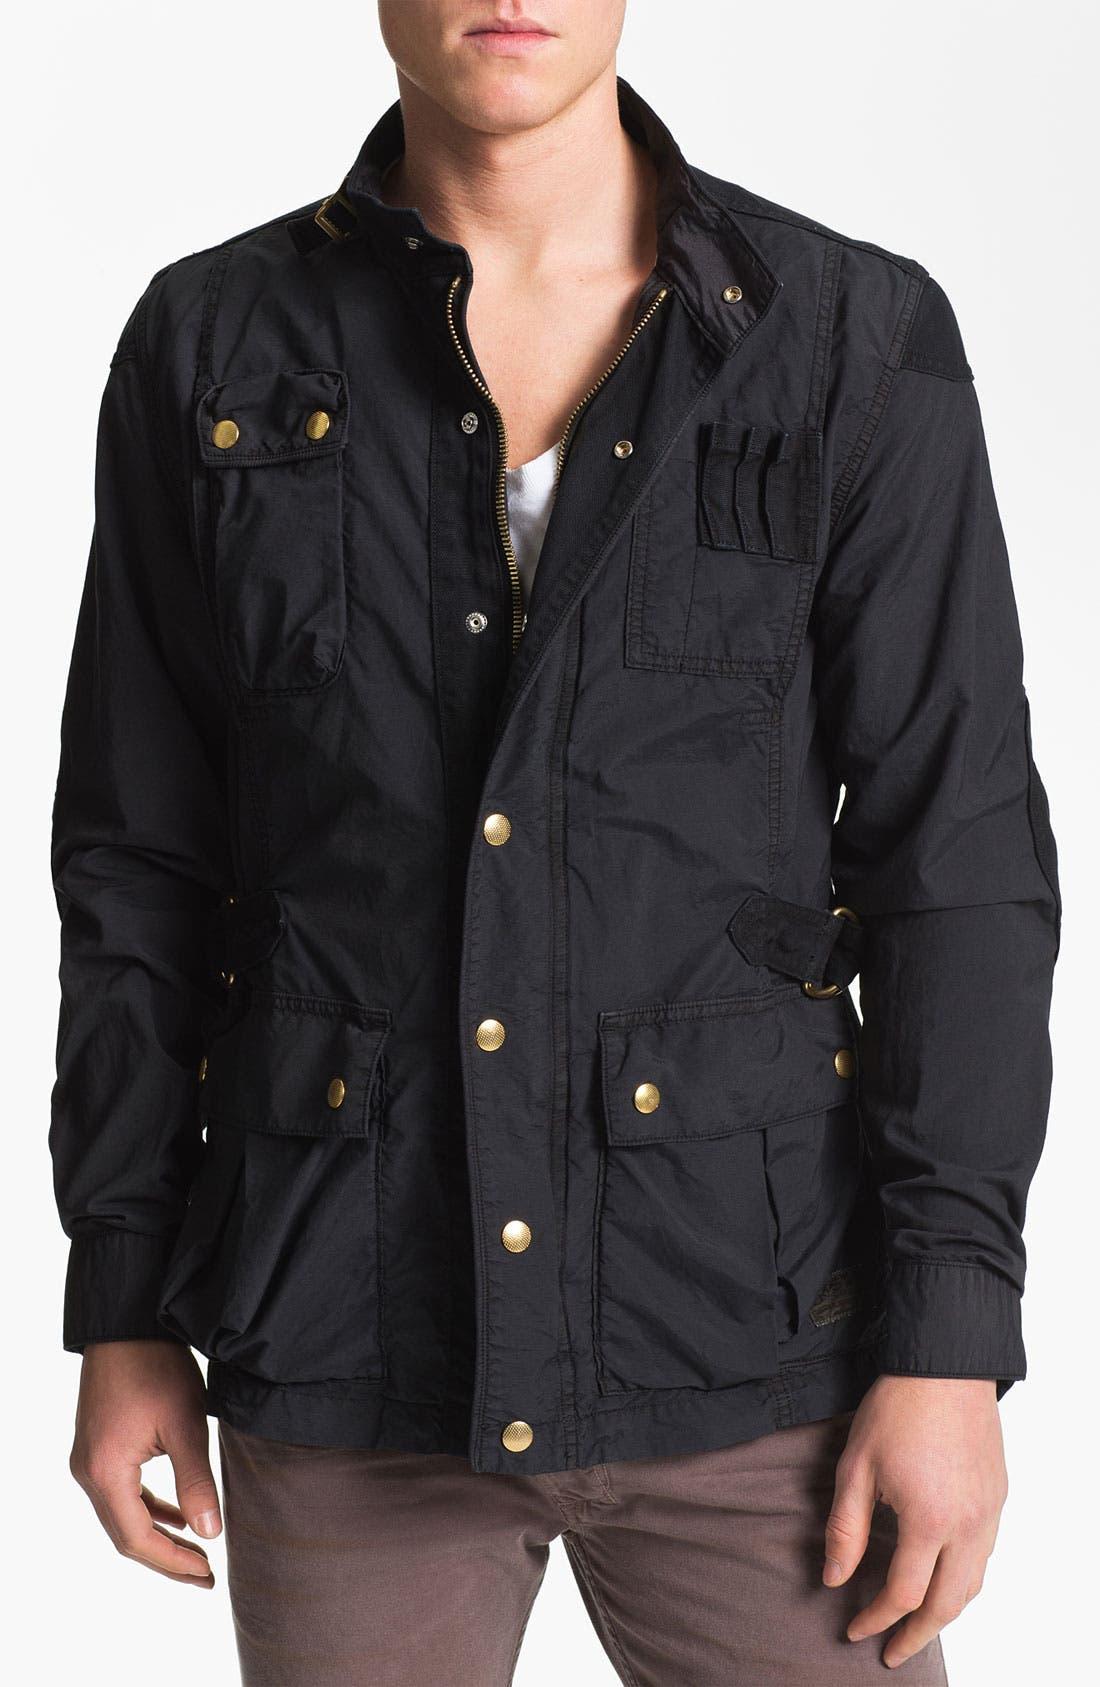 Main Image - PRPS 'Utilitarian' Jacket